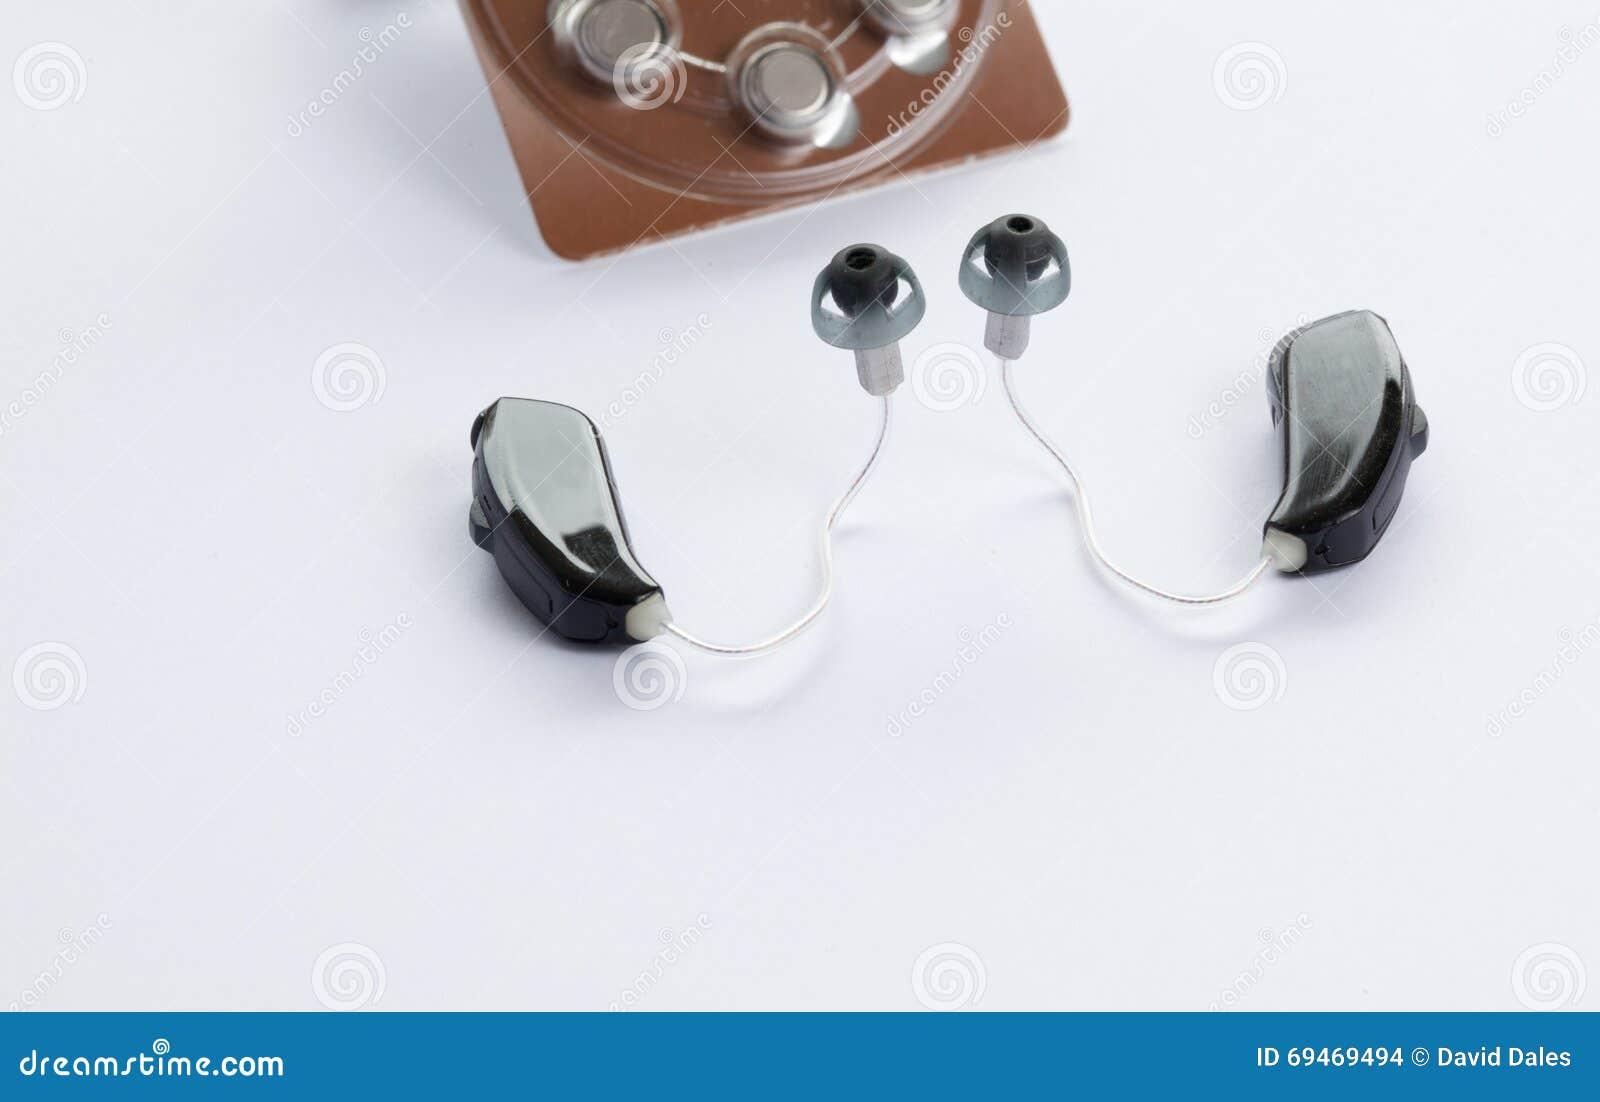 Digitale hoorapparaten